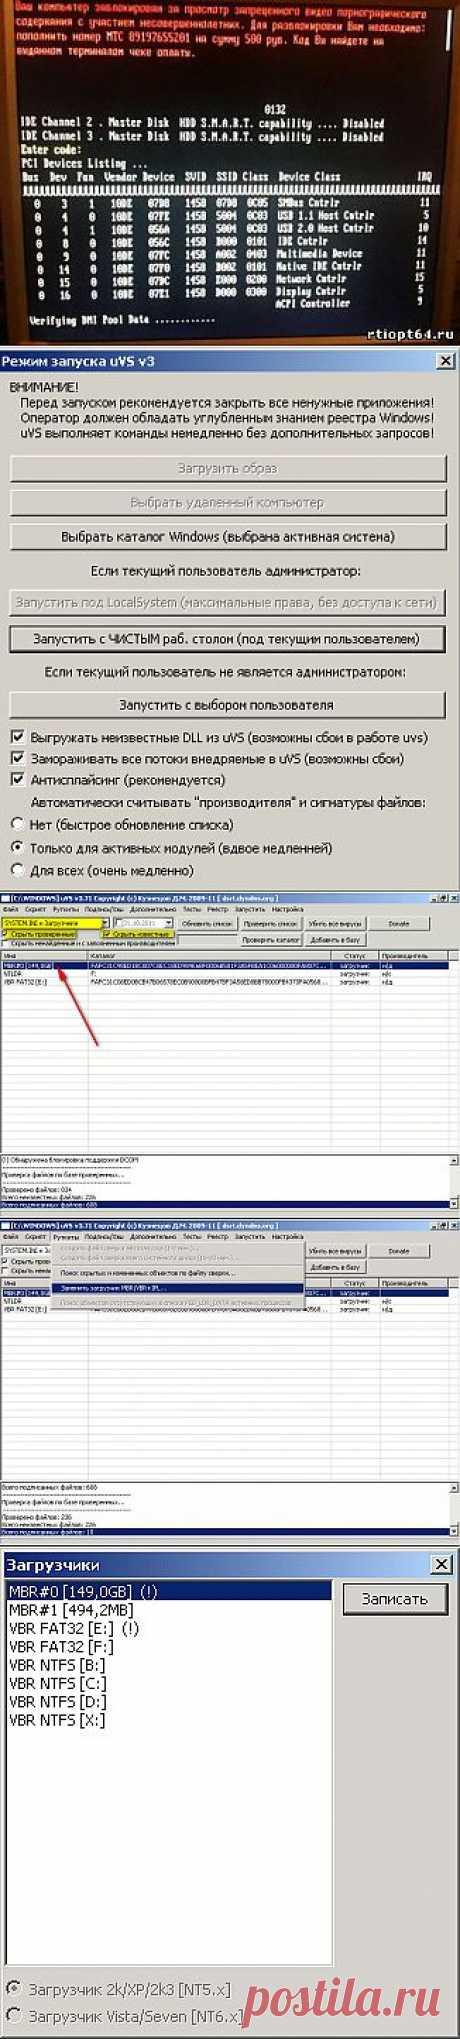 Заблокирован windows, Лечение загрузочных (MBR) зловредов-вымогателей - Блог - Удаление банеров